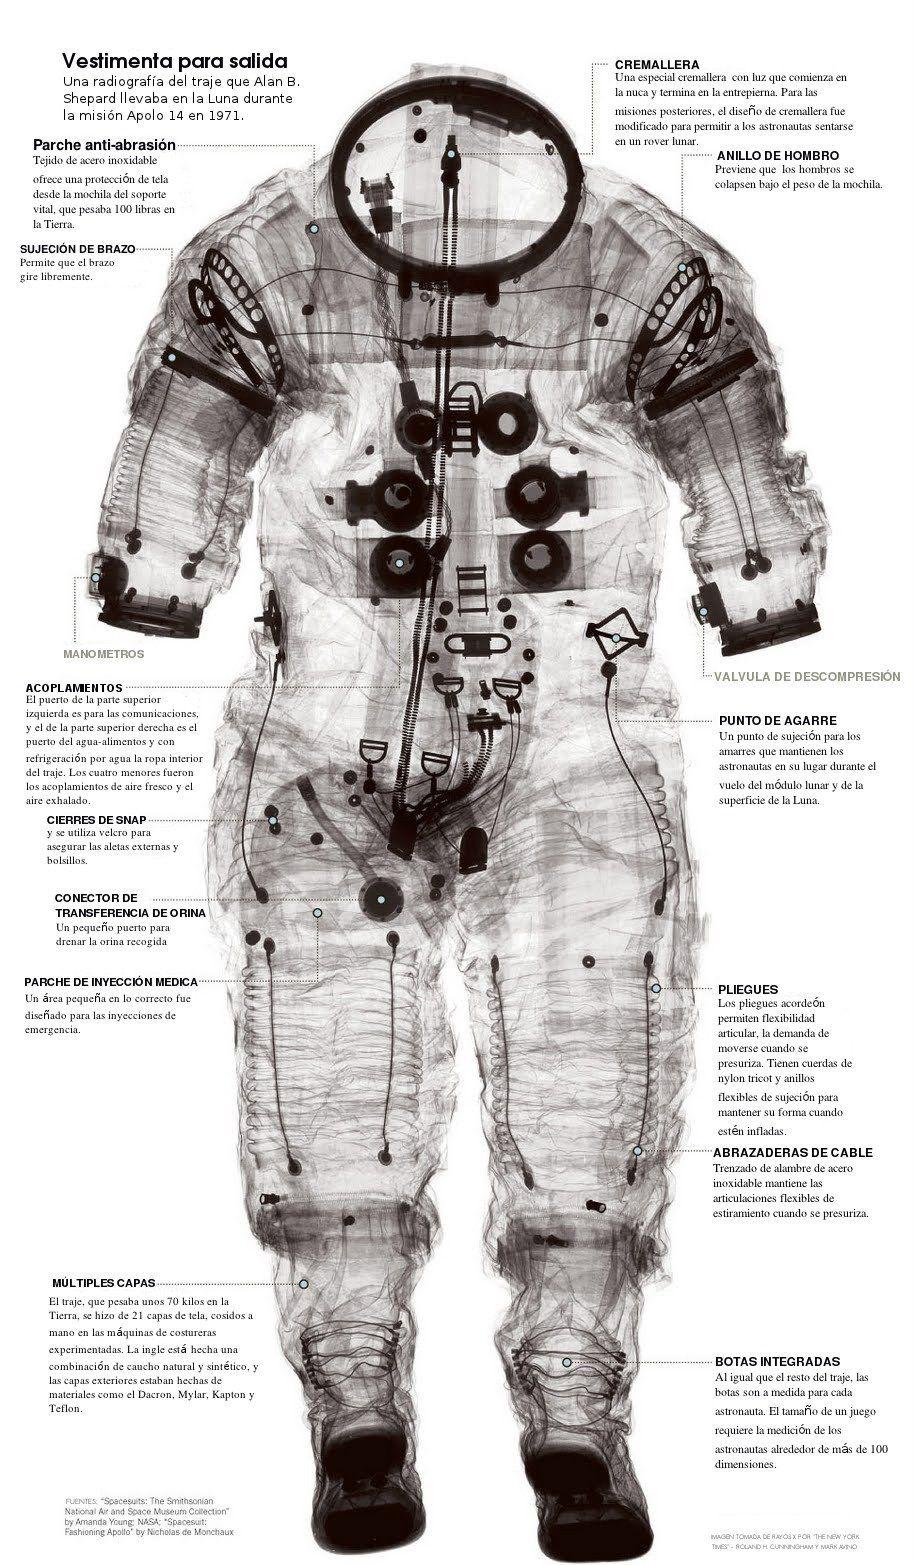 El traje espacial de los astronautas mas allá de la técnica ...